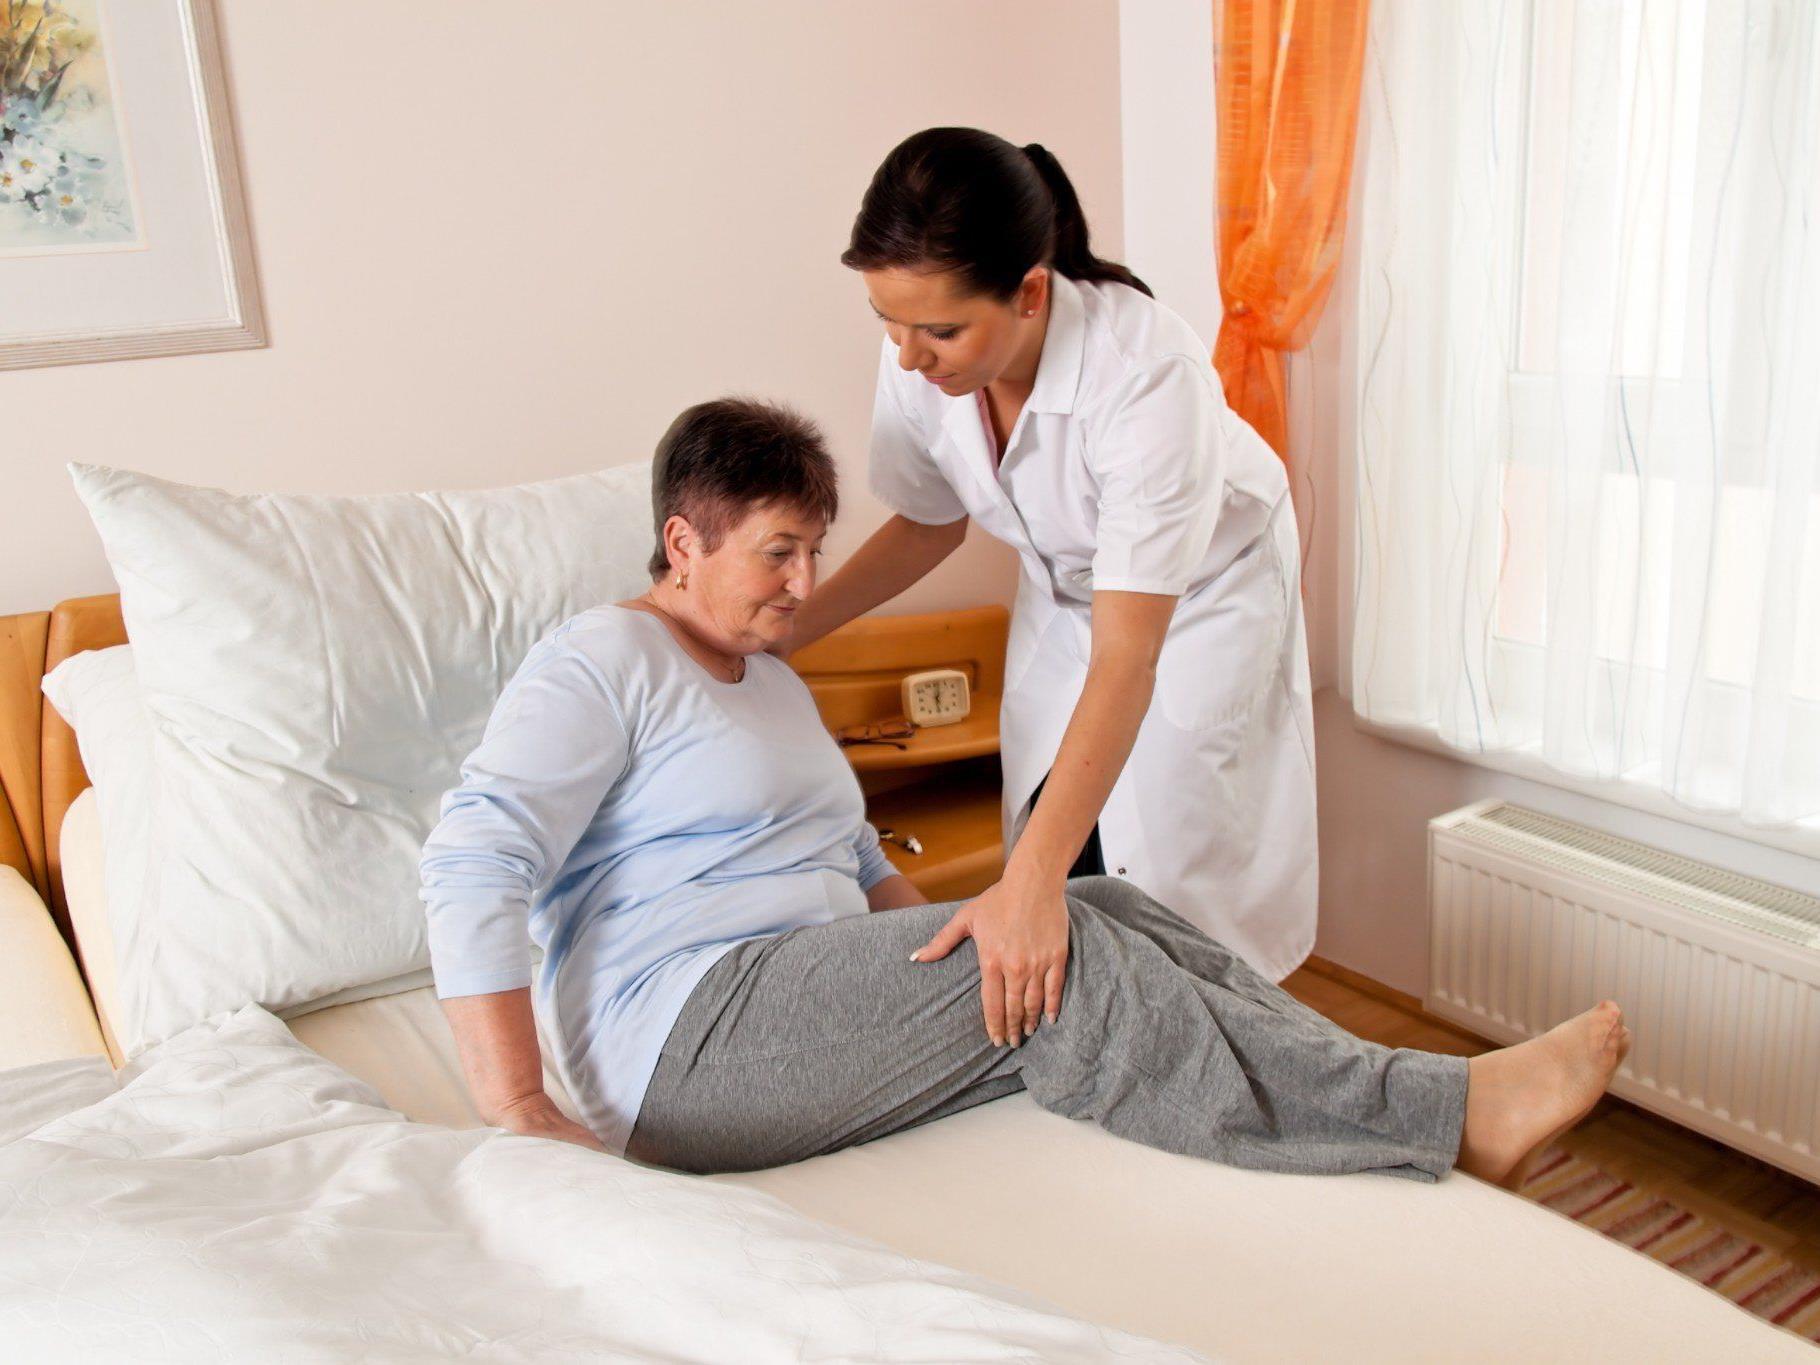 Der Bedarf ist so hoch, dass bis zu 4.000 Pflegekräfte nachqualifiziert werden sollen.